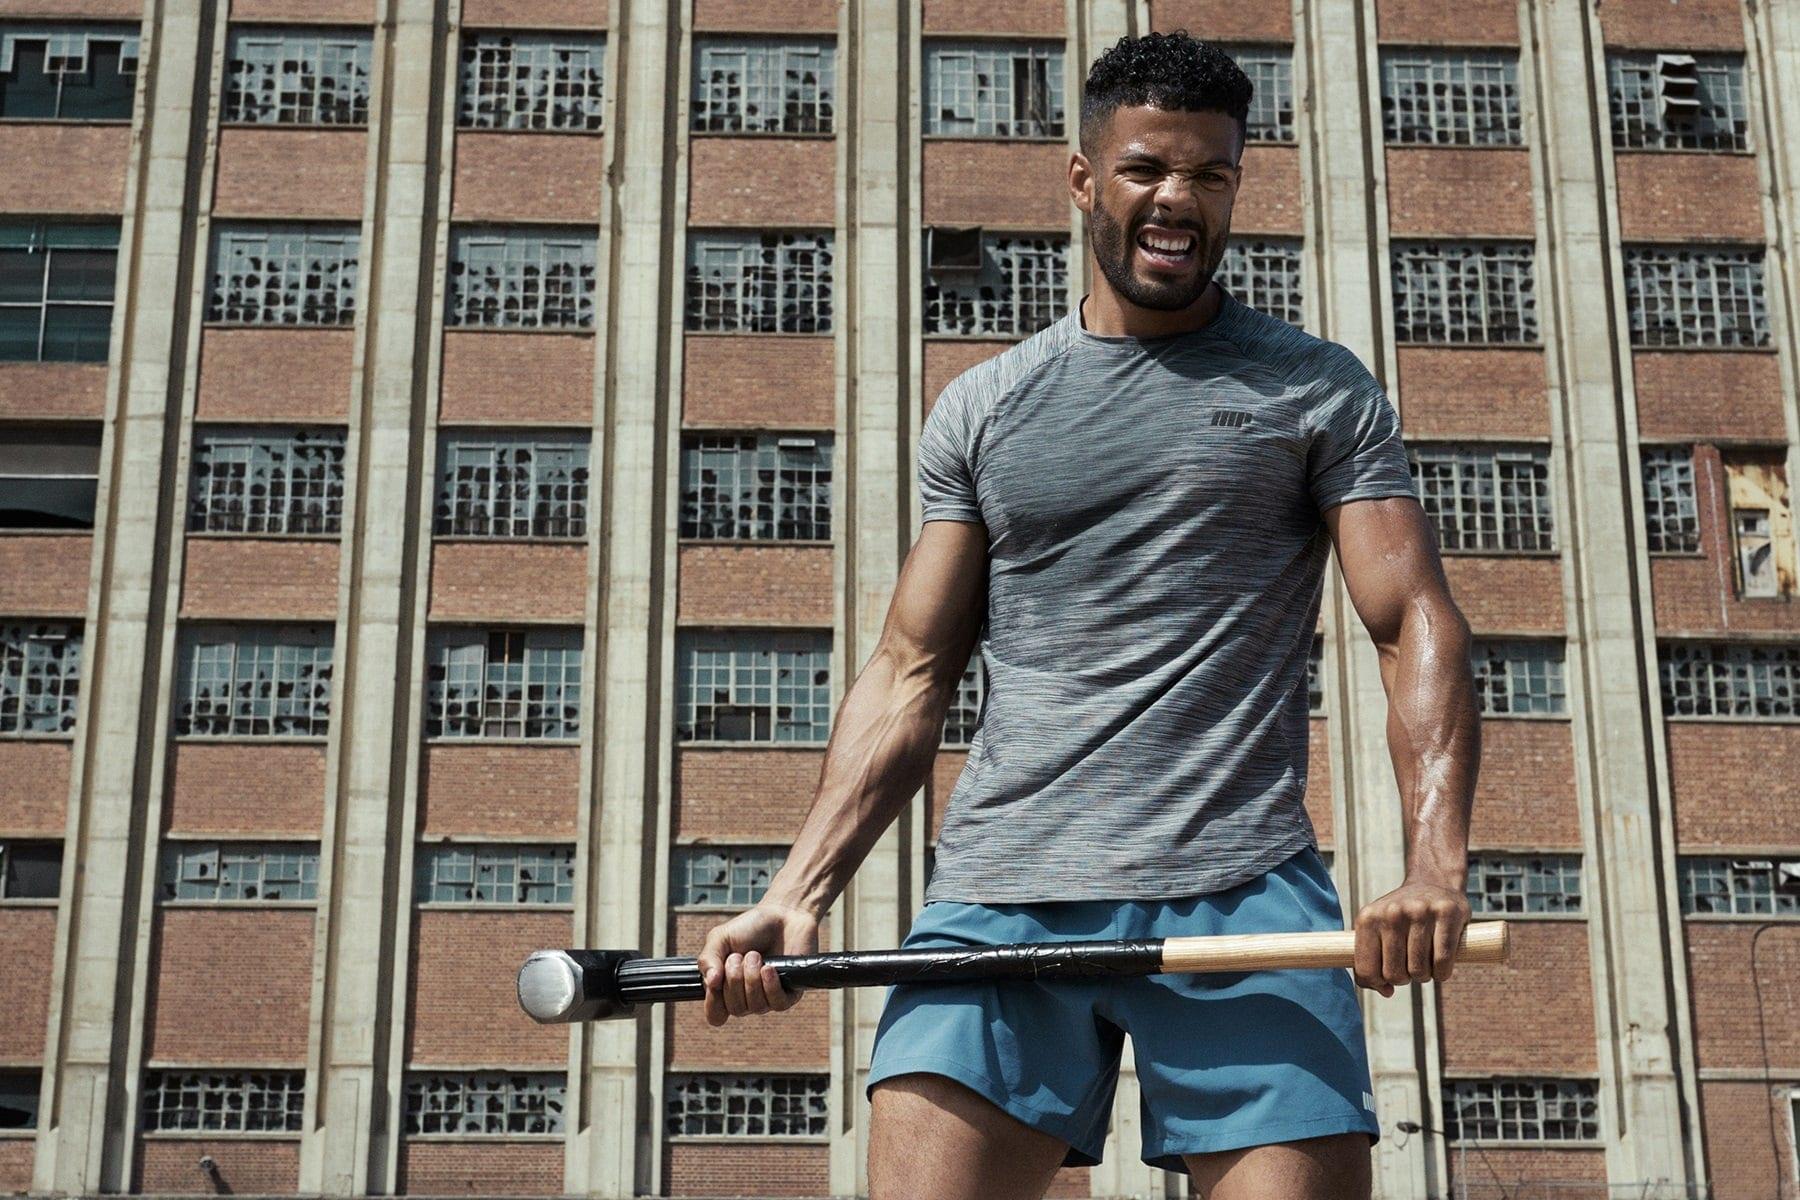 Entrenamiento de Resistencia Muscular | Rutina Completa